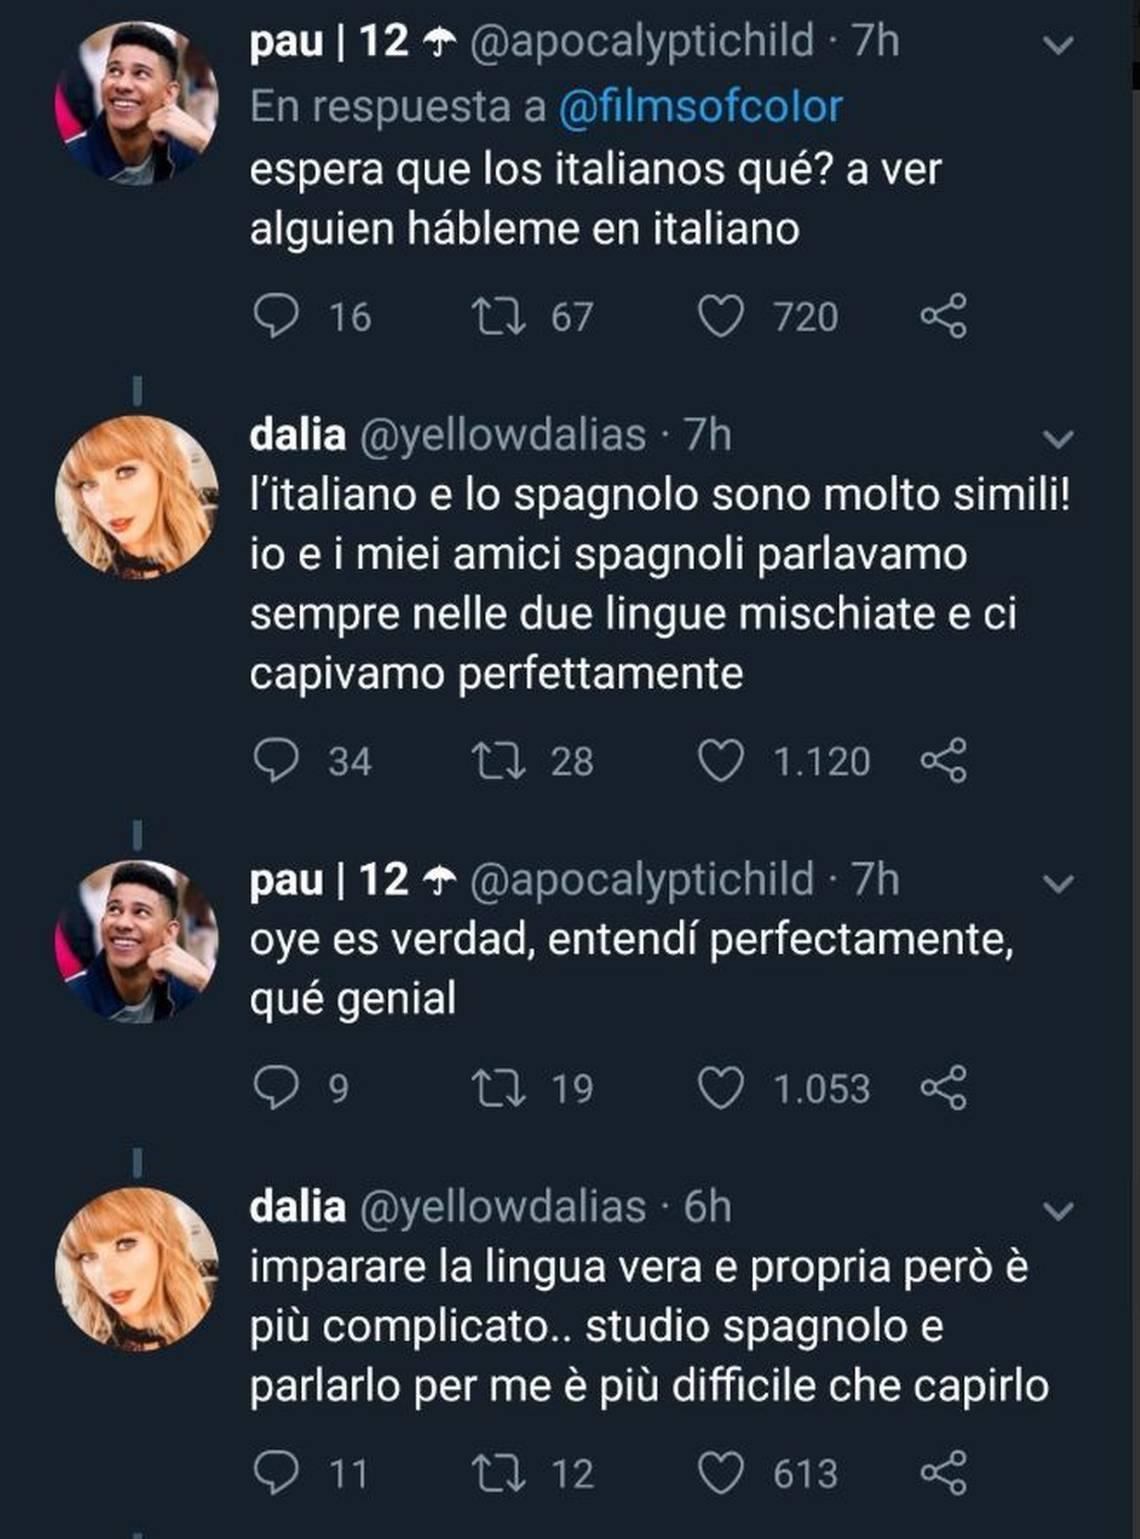 conversación simultánea en italiano, español y portugués. Idiomas más fáciles de aprender para hispanihablantes